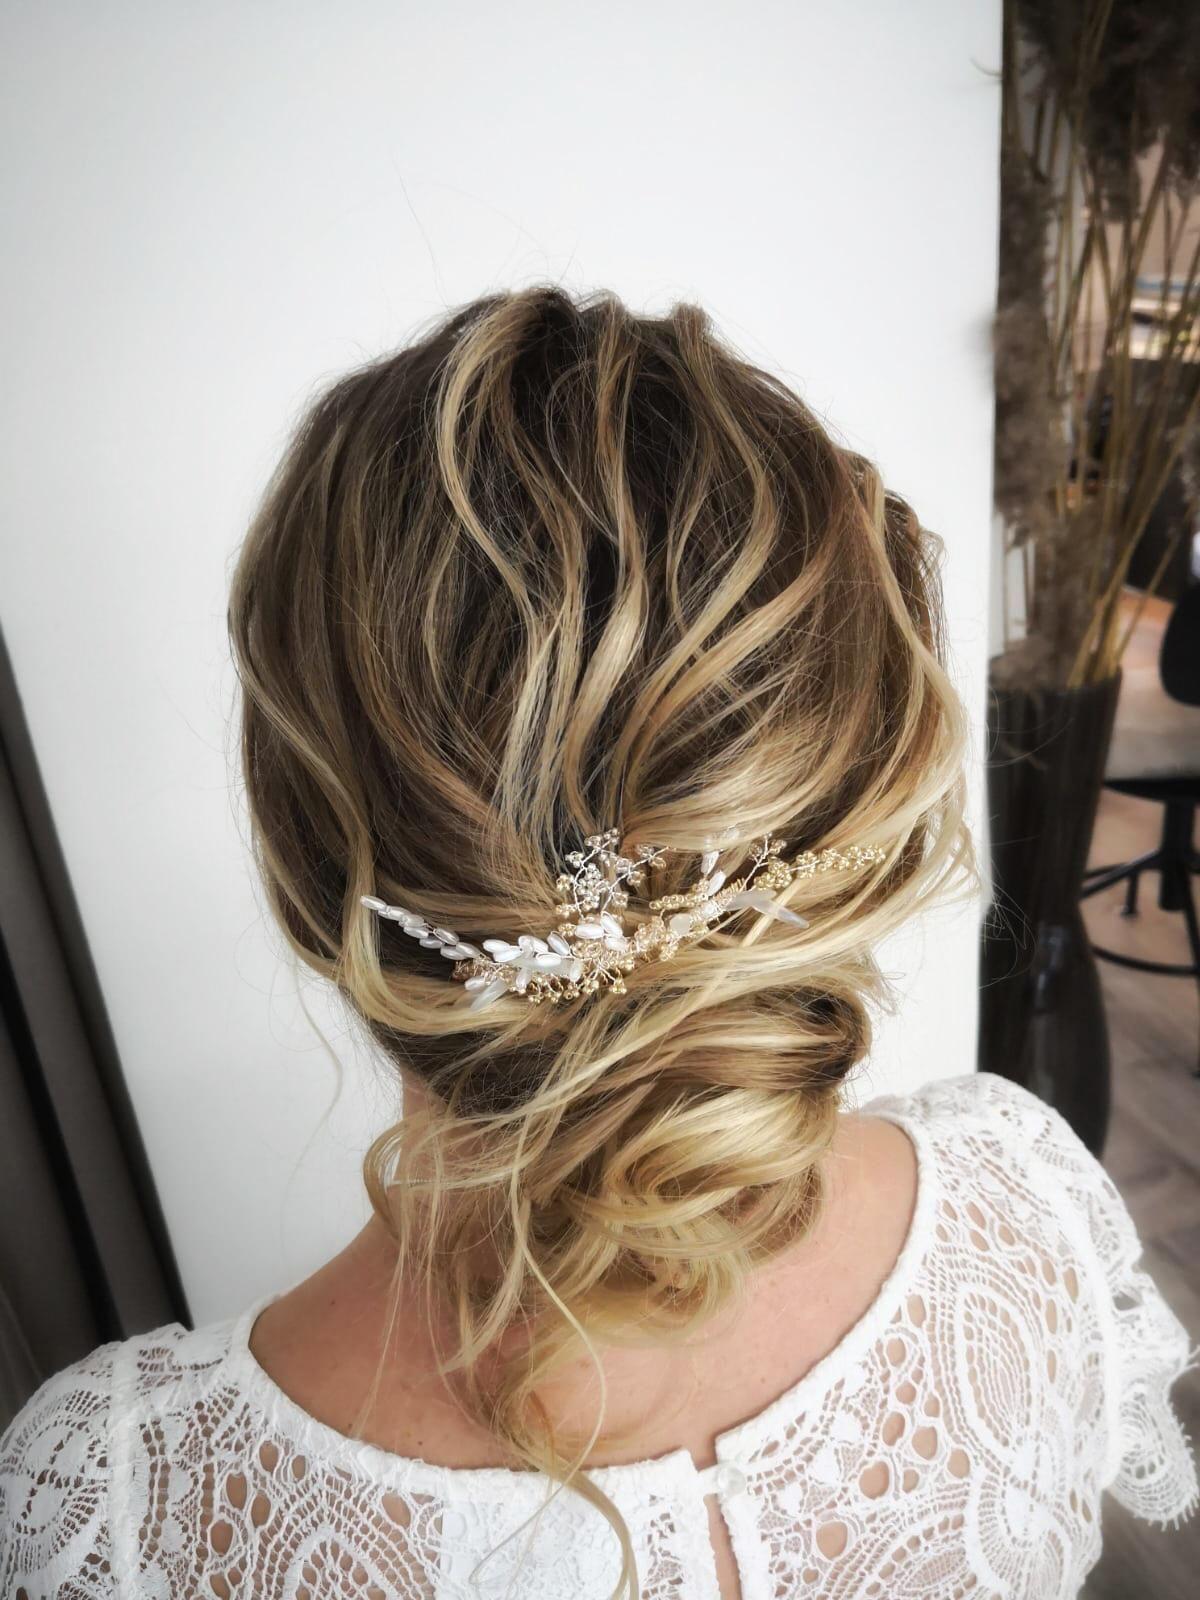 Pin Auf Kiligdress Brautkleider Moderne Hochzeitskleider Boho Stil Brautmode Zweiteiler Tops Bridalfashion Bridalseperates Wedding